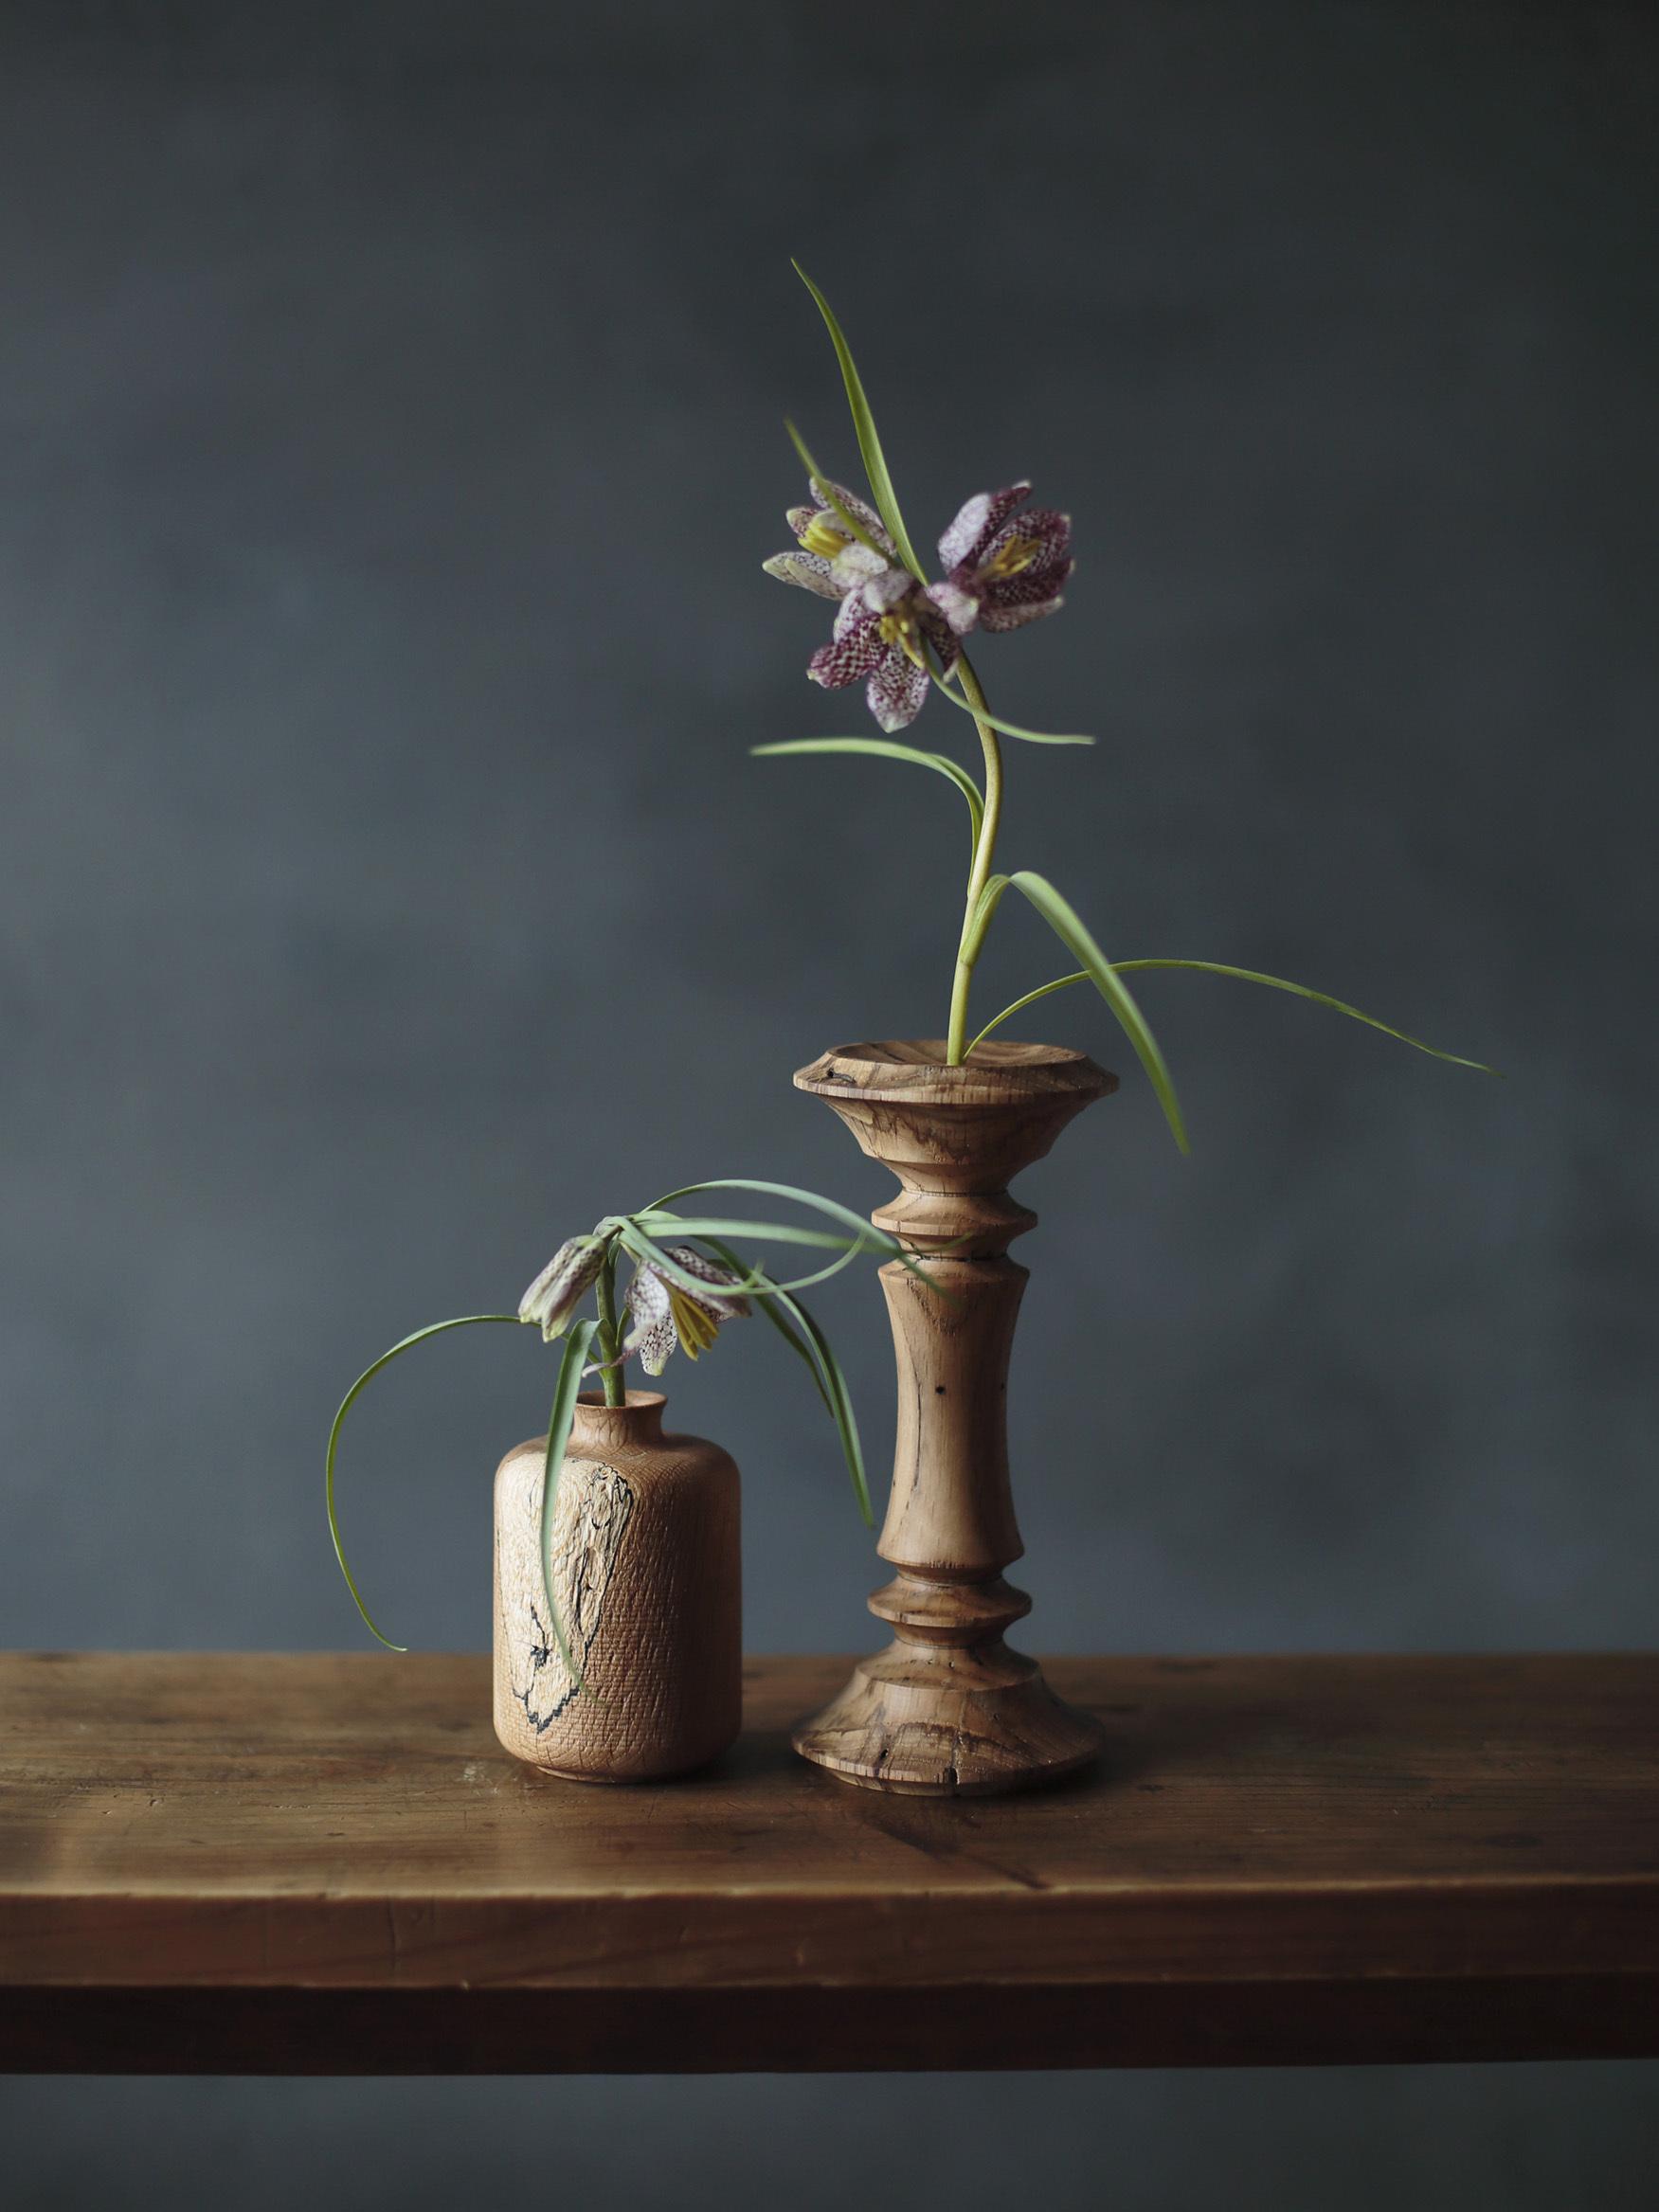 虫喰いの花器 筒 - 画像3